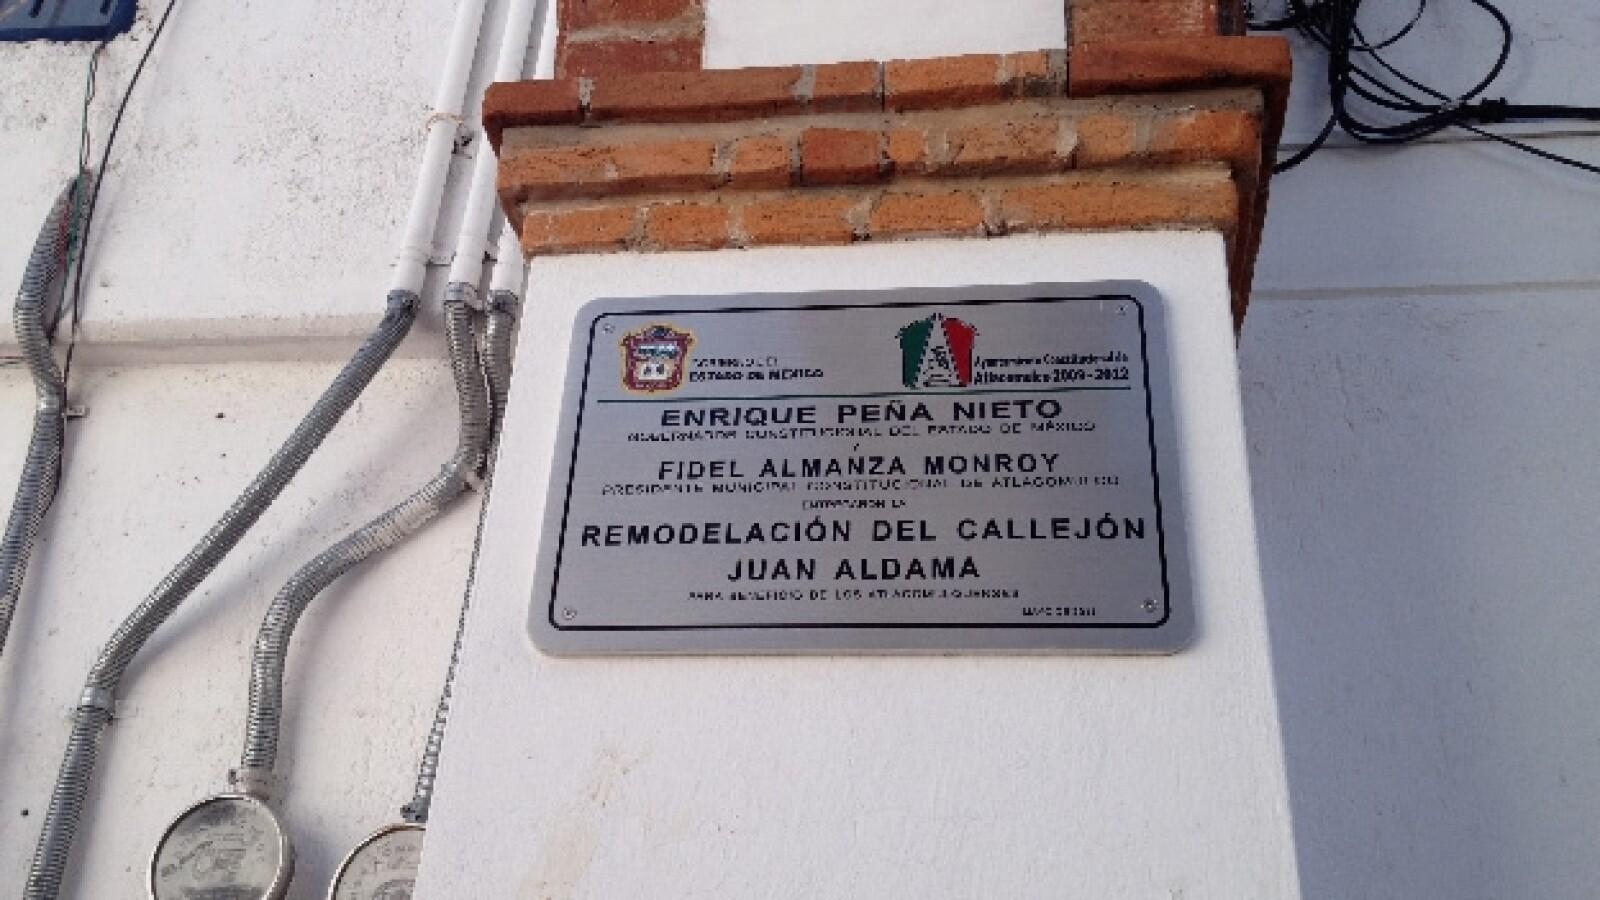 Placa, Enrique Peña